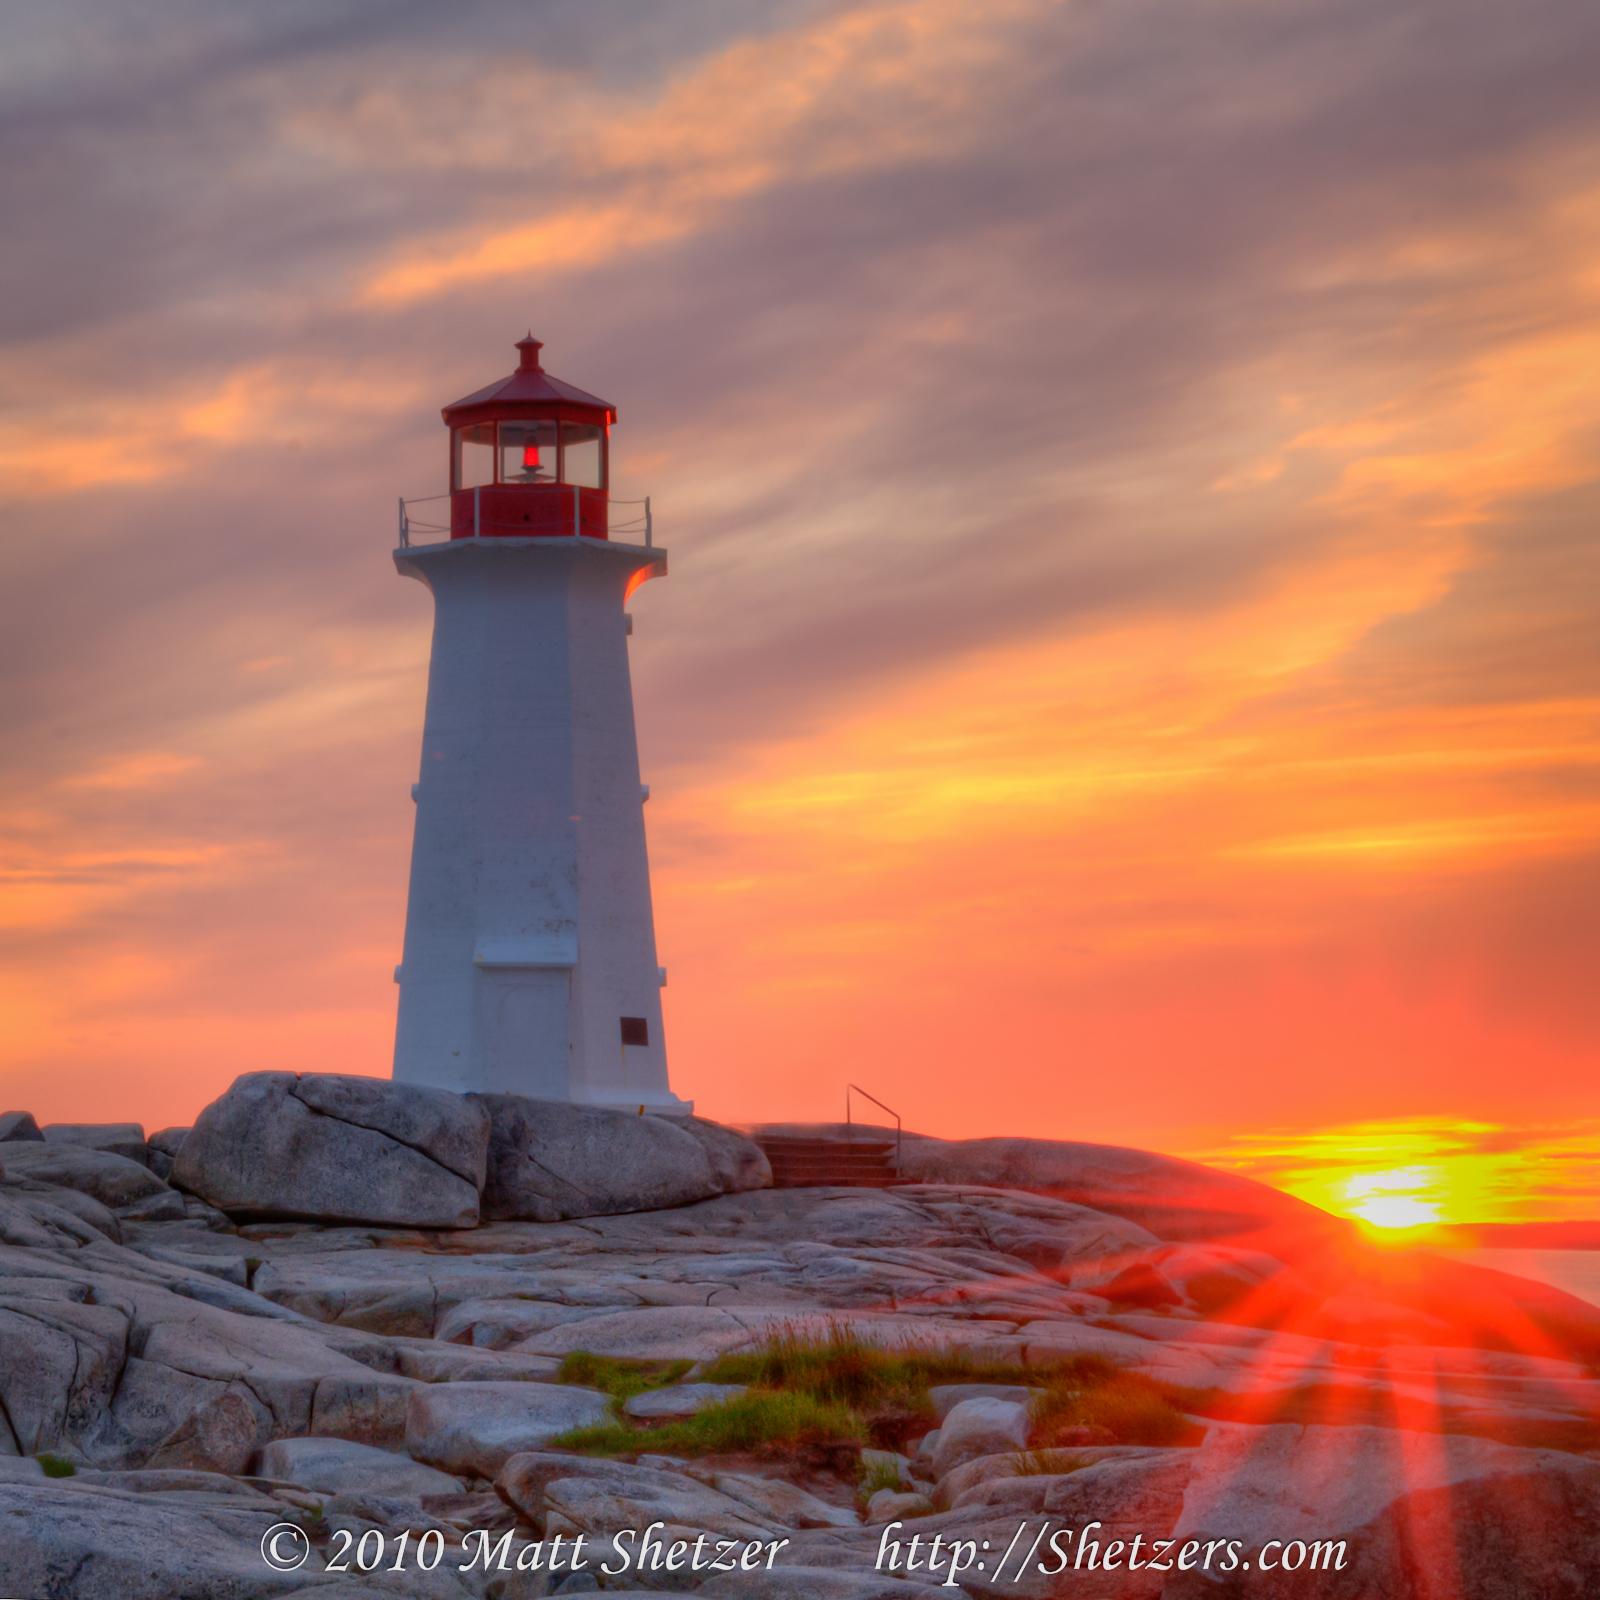 Computer Wallpaper Canada: Newfoundland Lighthouse Wallpaper